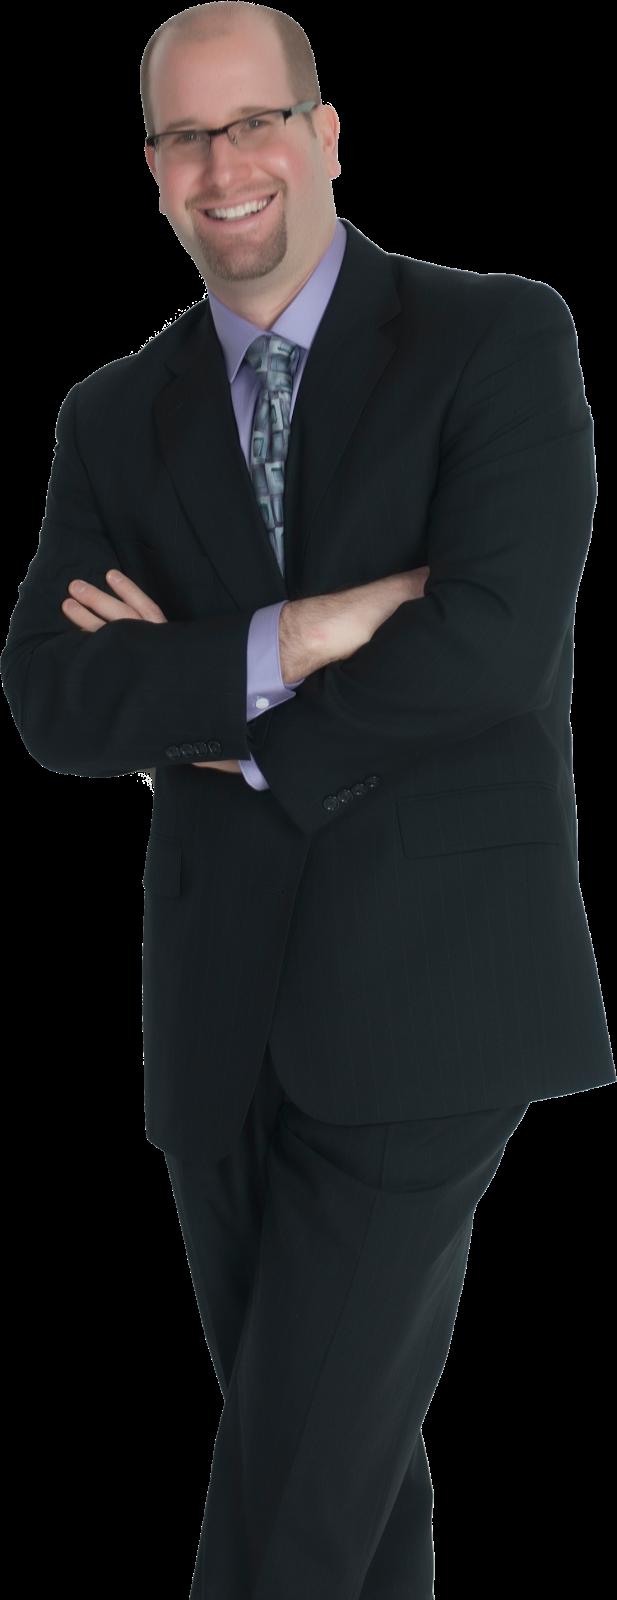 Rabbi Jason Miller - Entrepreneur, Educator and Technologist